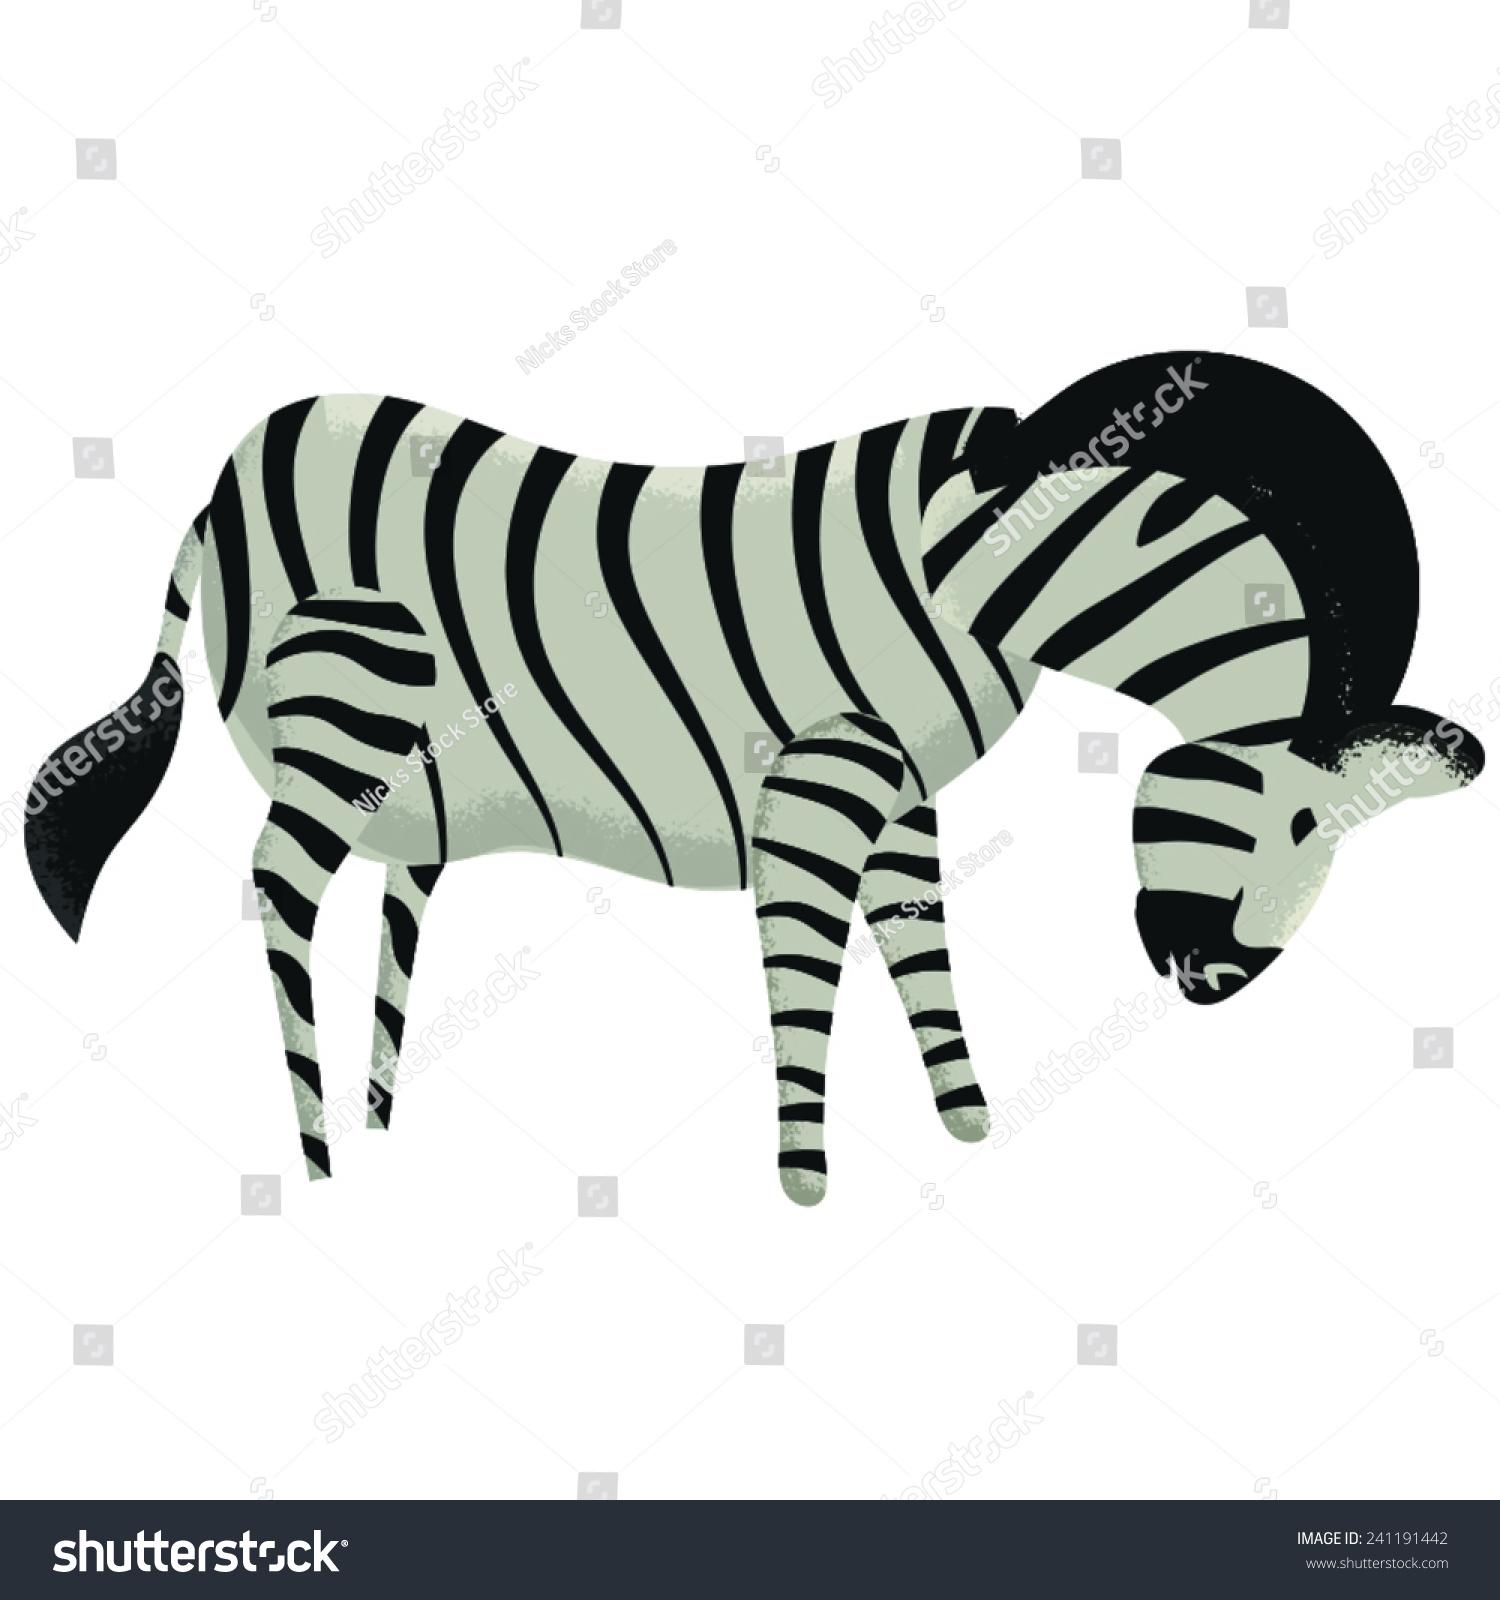 非洲斑马动物看向地面,这是一个非洲斑马条纹.